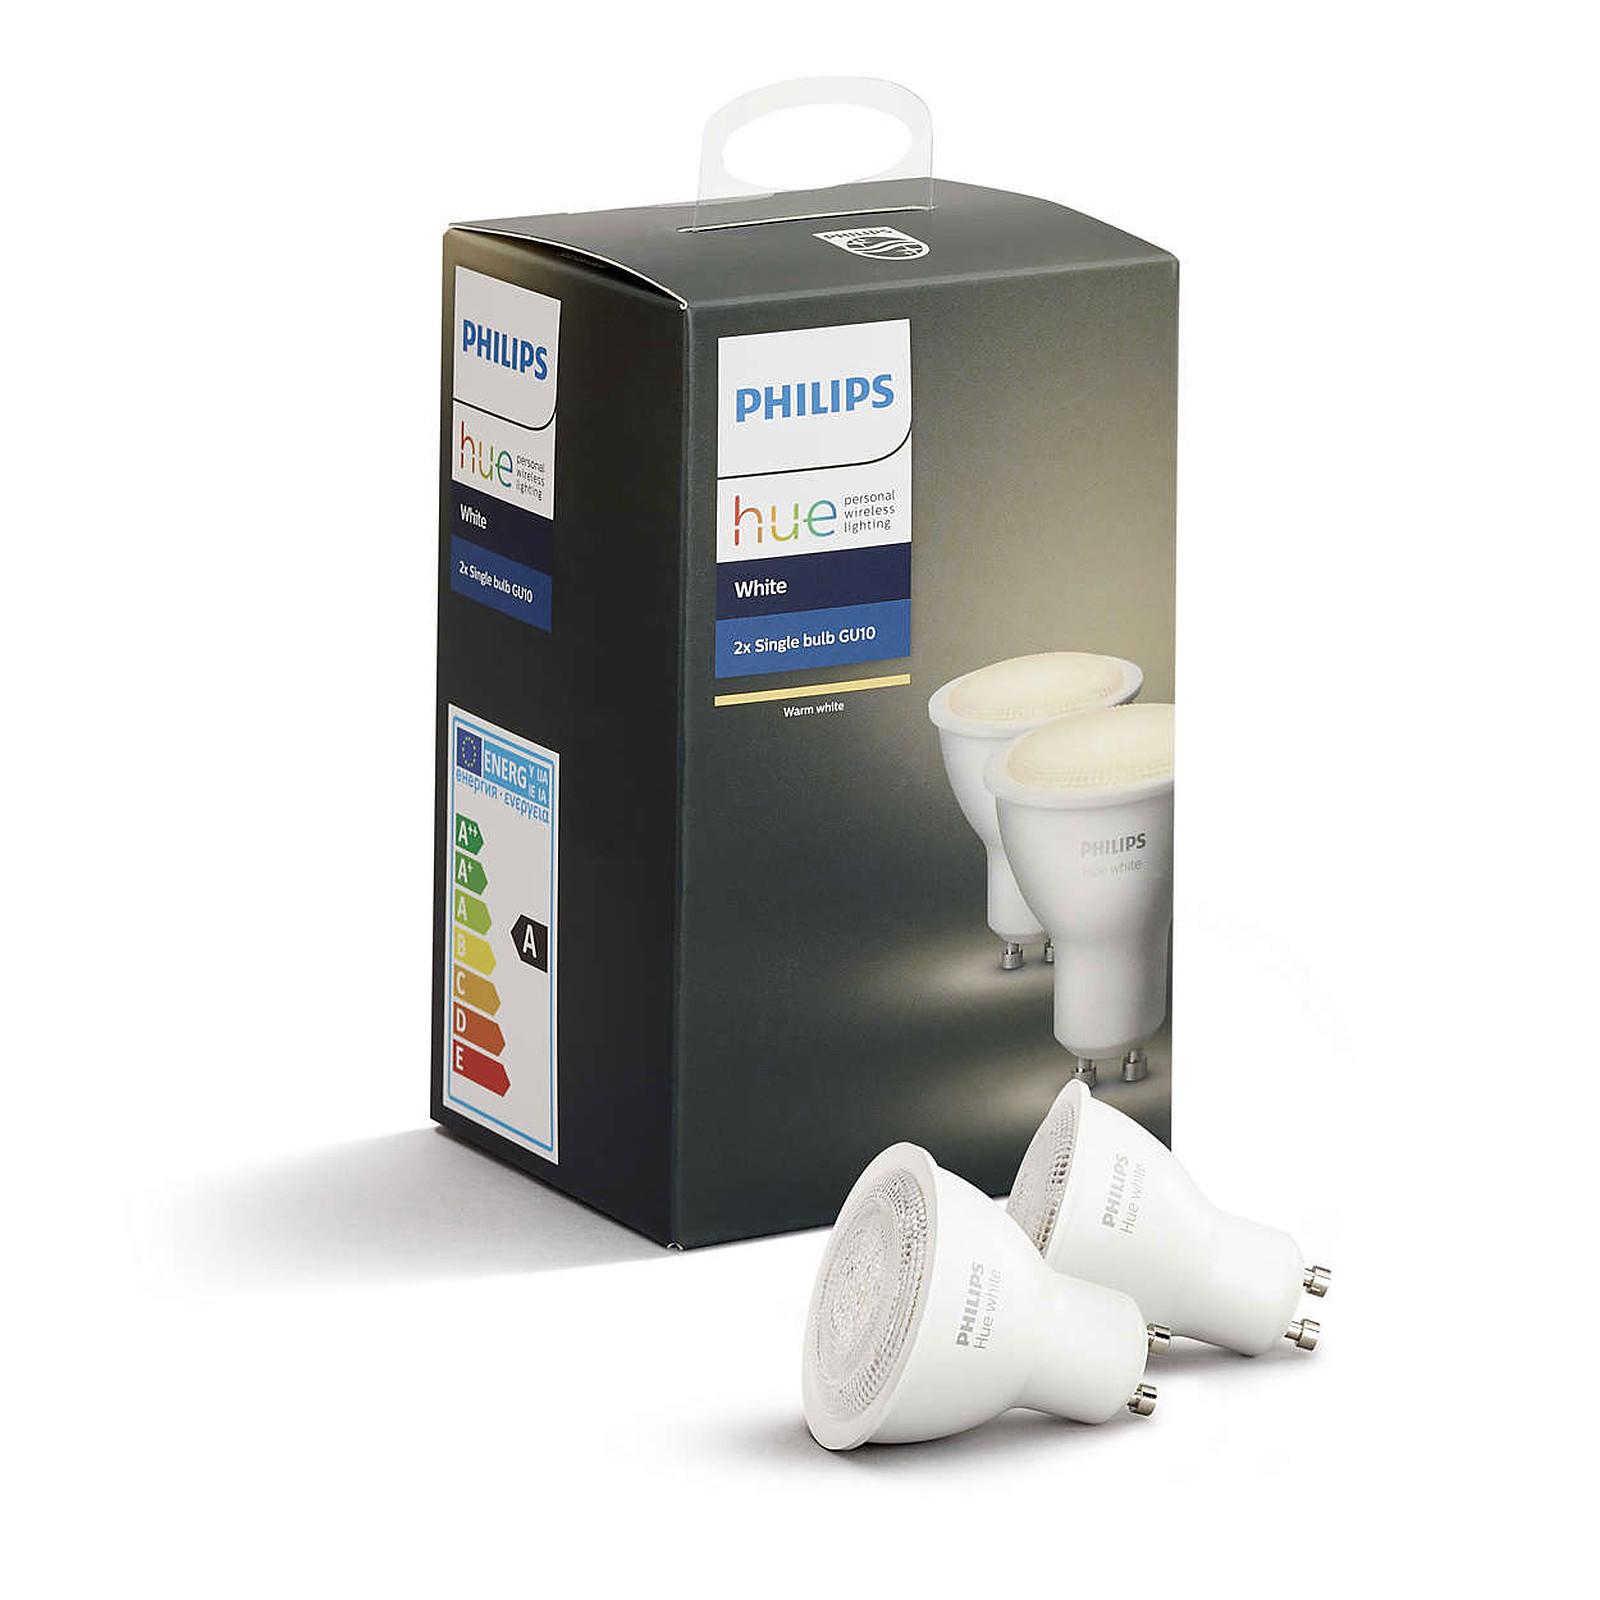 philips hue white gu10 x 2 ampoule connect e philips sur. Black Bedroom Furniture Sets. Home Design Ideas